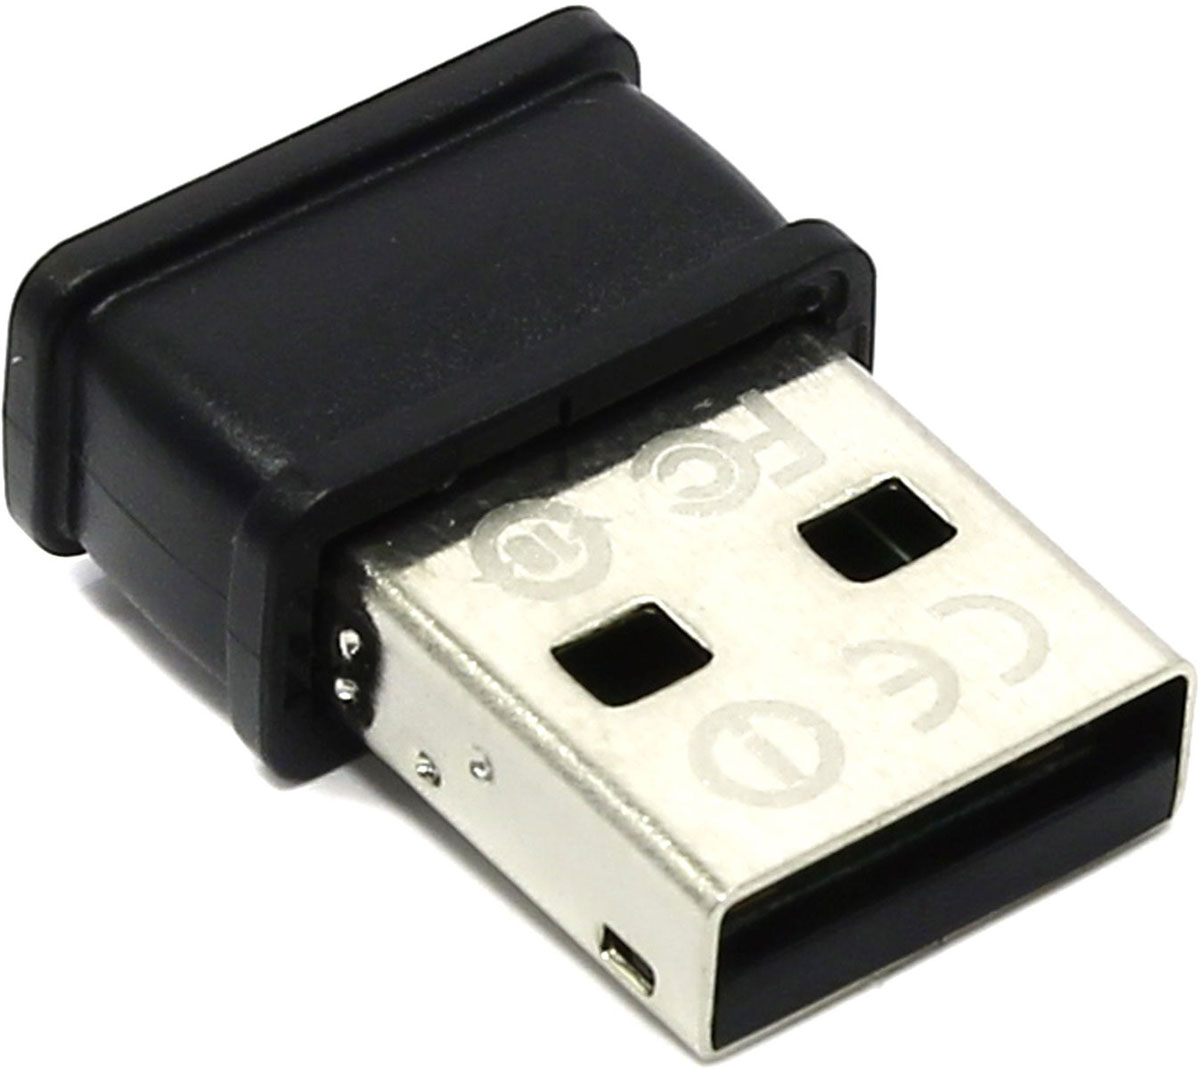 Tenda W311MI беспроводной USB-адаптер